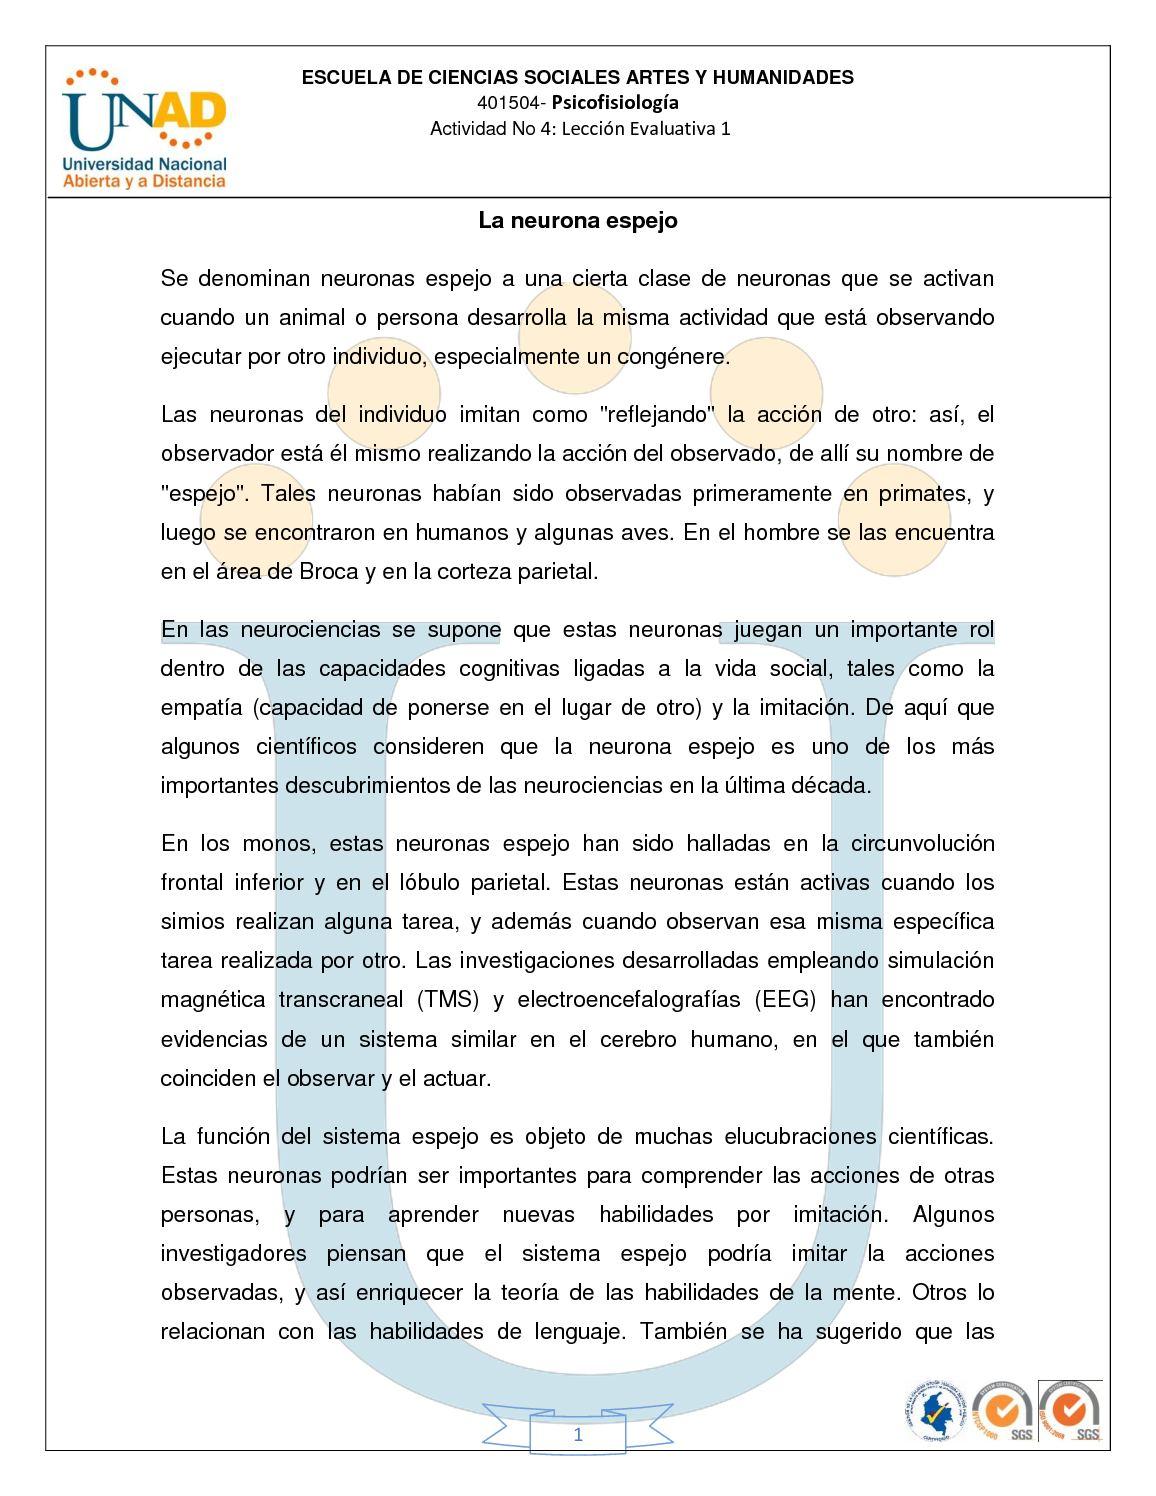 5. LA NEURONA ESPEJO